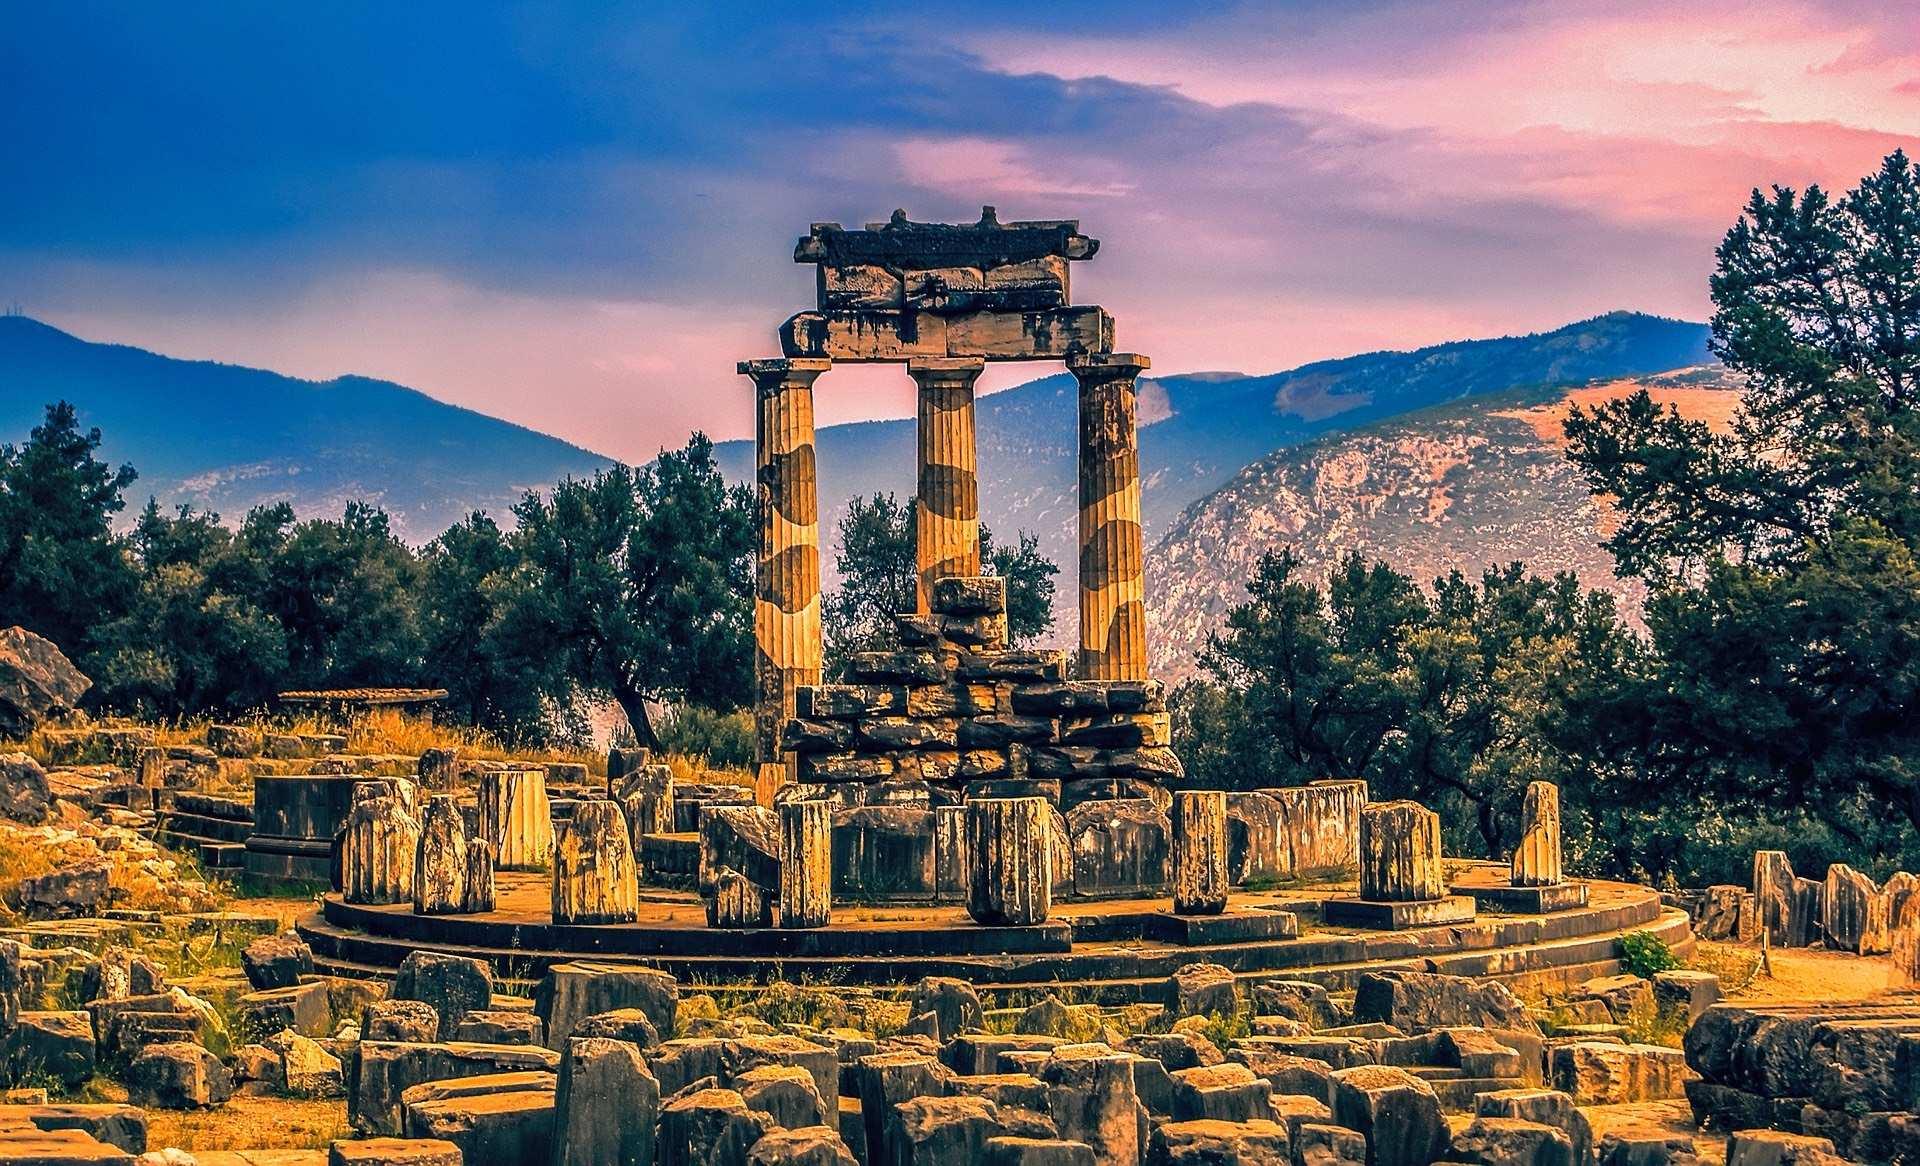 【探索世界的中心】希臘德爾斐(Delphi)遺跡一日遊(雅典出發)